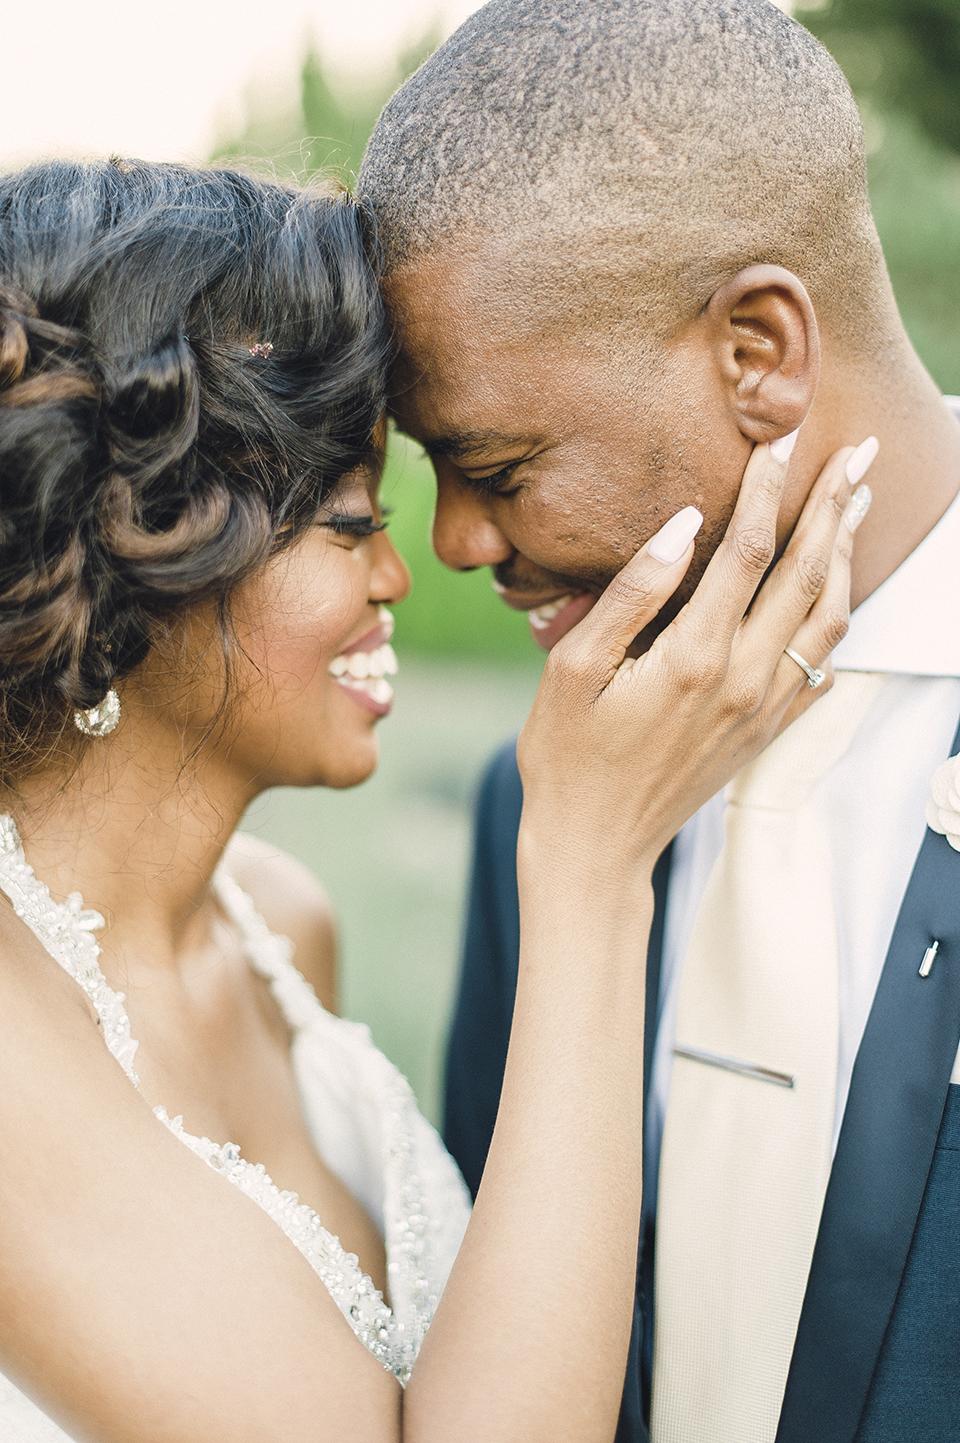 RyanParker_WeddingPhotographer_FineArt_CapeTown_Johannesburg_Hermanus_Avianto_T&L_DSC_9279.jpg